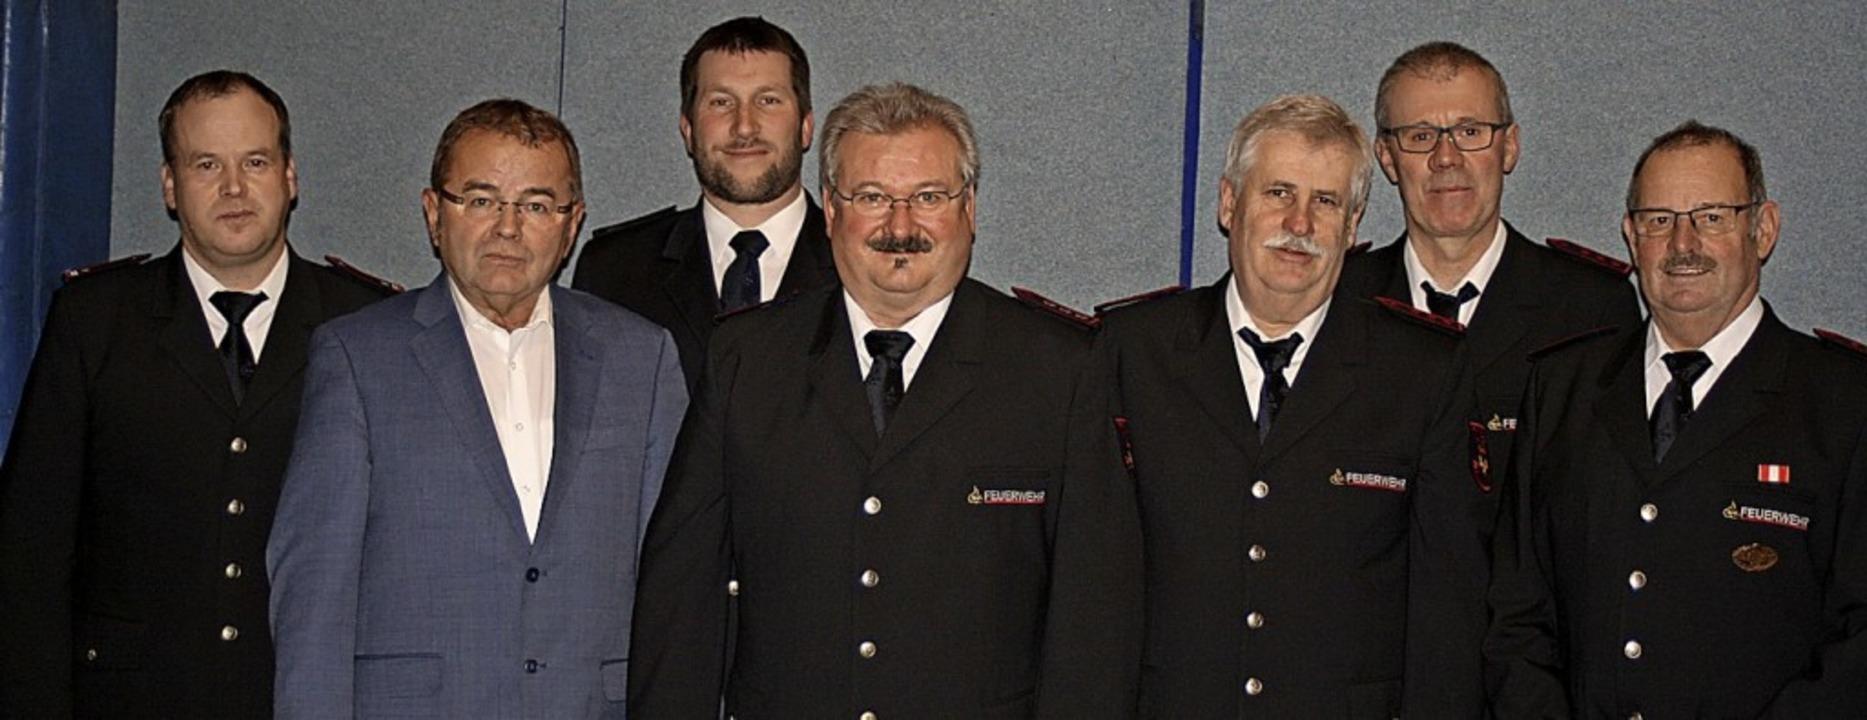 Abteilungskommandant Thomas Sütterlin,...h Greßlin und Kurt Braun (von links).     Foto: Ines Bode